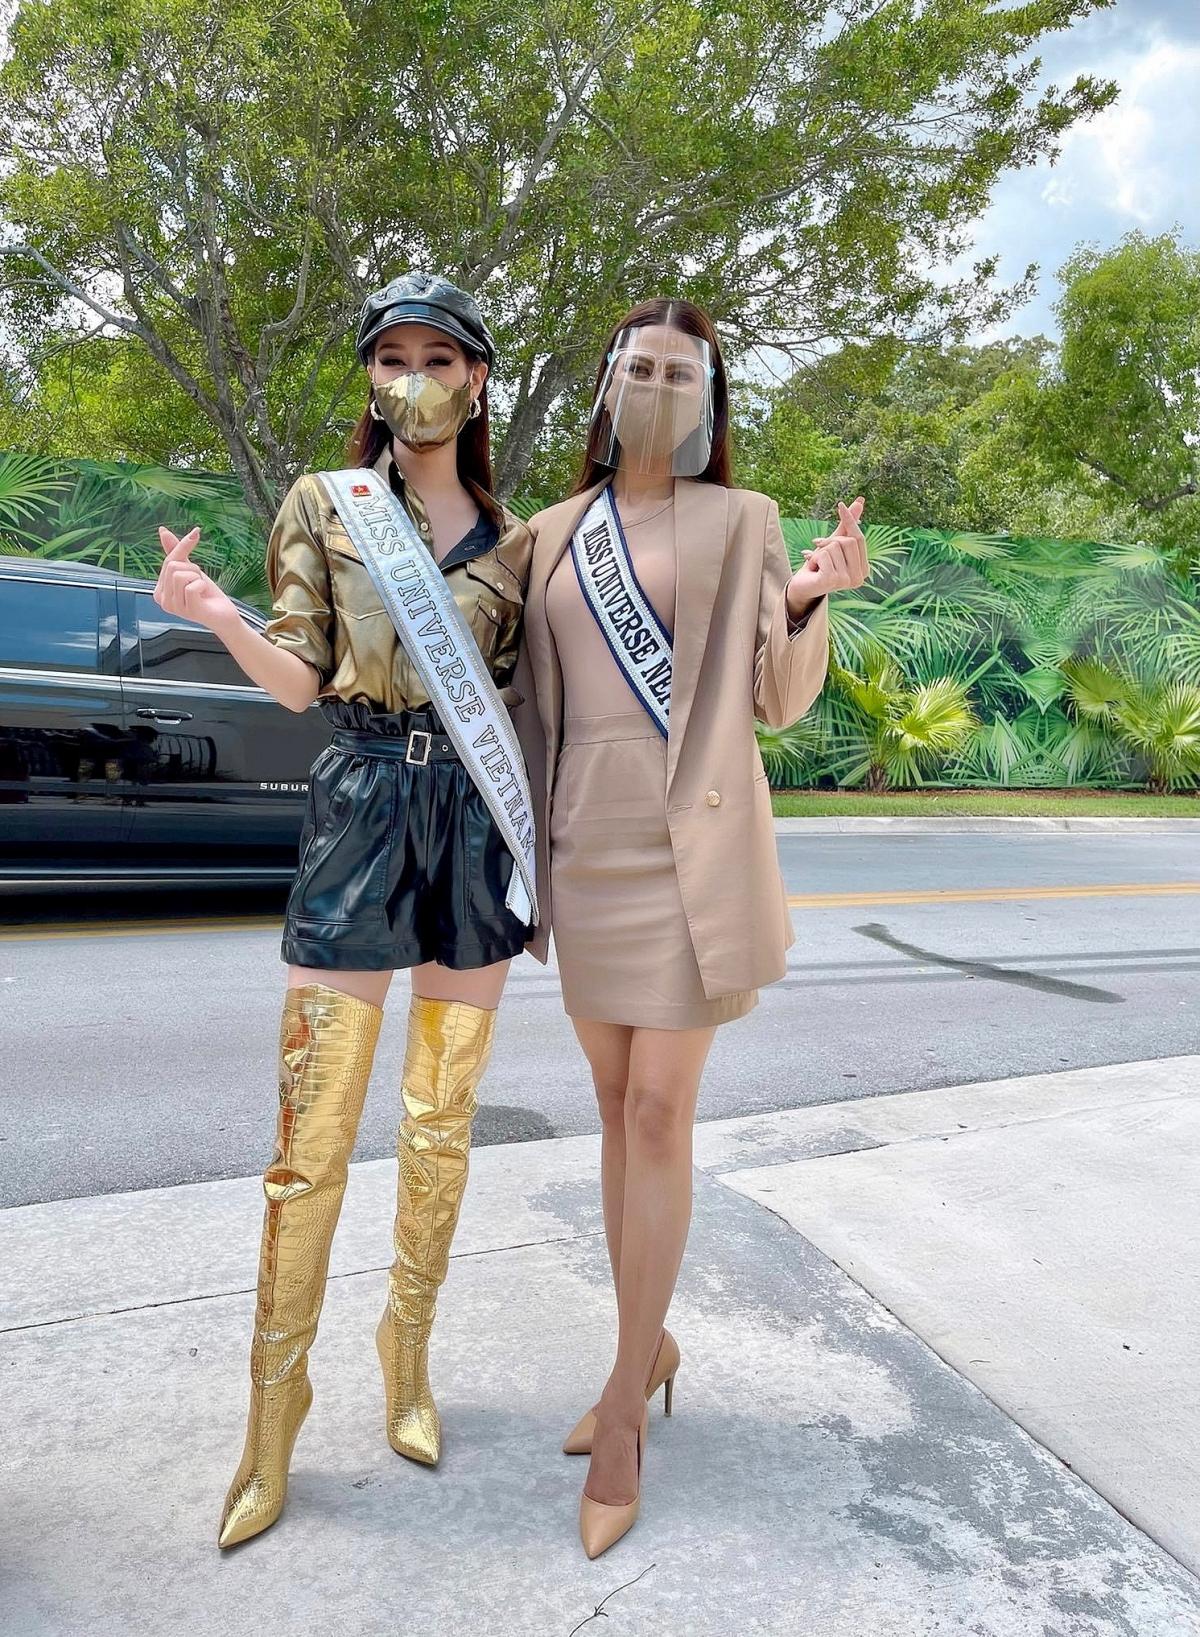 Miss Universe 69th diễn ra tại Mỹ từ ngày 06 – 16/5/2021 (theo giờ Mỹ). Khán giả có thể bầu chọn cho Khánh Vân vào thẳng Top 21 bằng cách vote thông qua ứng dụng Miss Universe, cổng bình chọn đã mở và sẽ đóng lại đến hết ngày 15/5/2021 (theo giờ Mỹ).